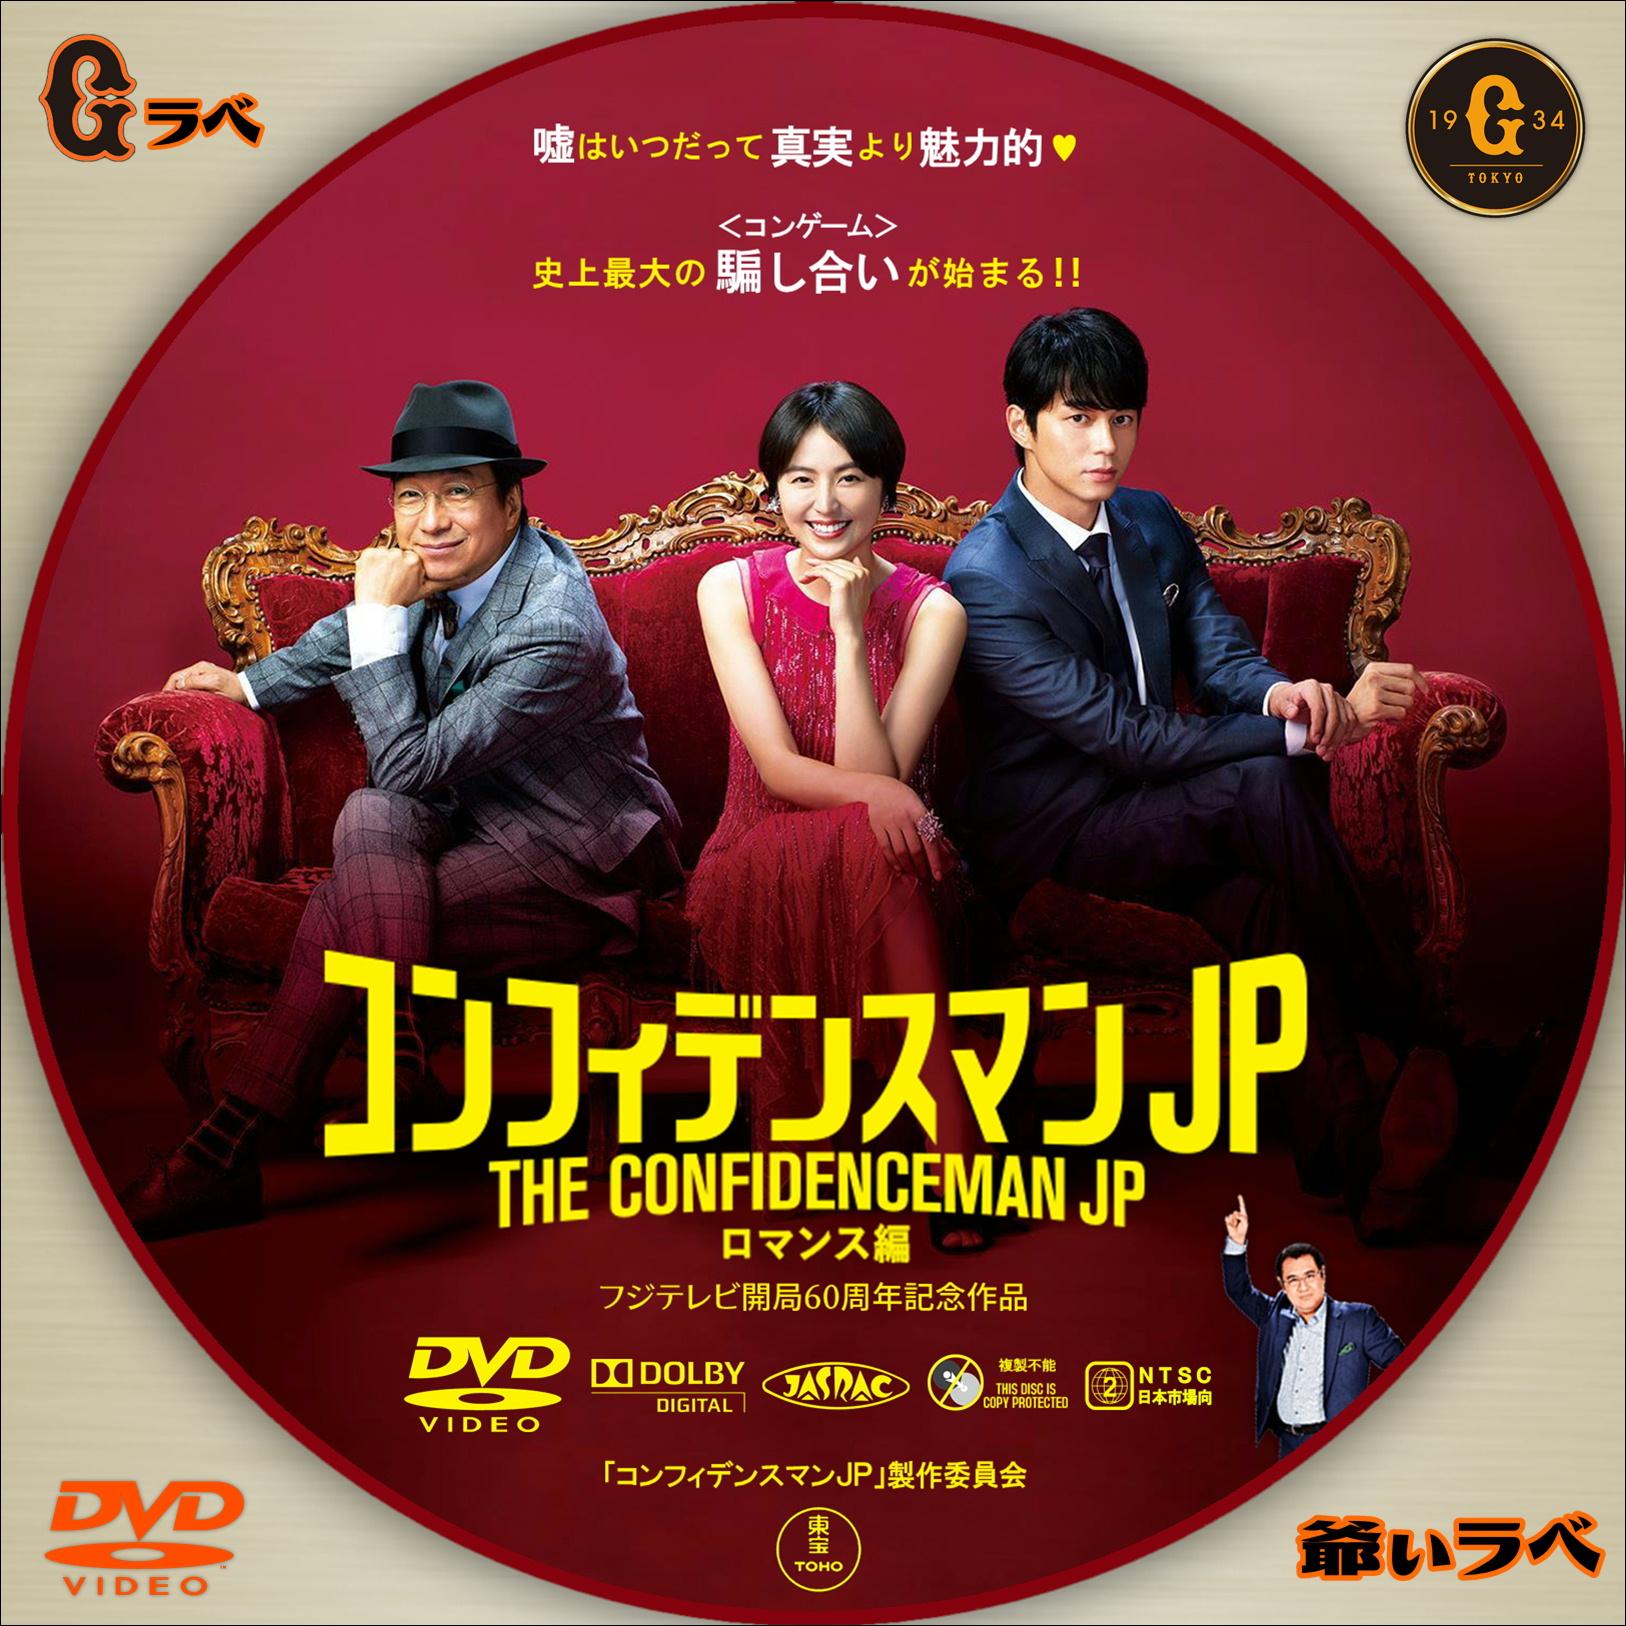 マン 映画 dvd jp コンフィデンス 映画『コンフィデンスマンJP ーロマンス編ー』Blu